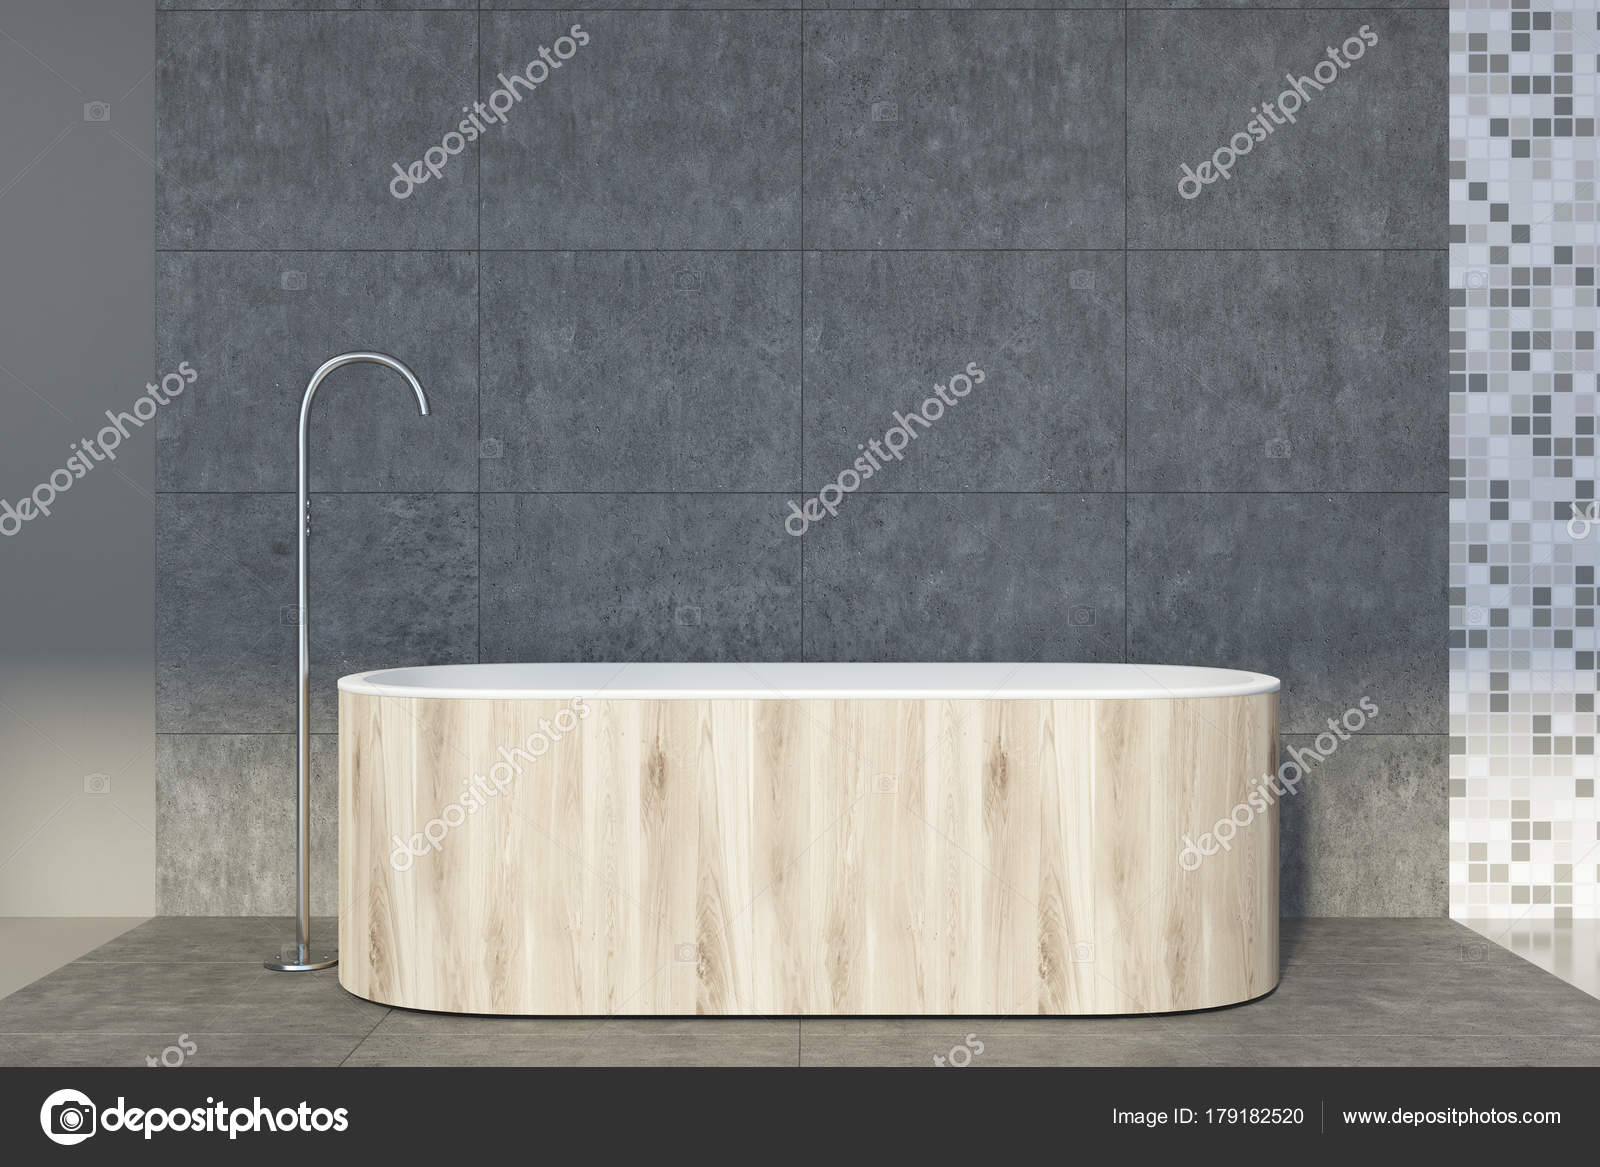 Vasca Da Lavare In Cemento : Cemento e piastrelle bagno vasca in legno u foto stock